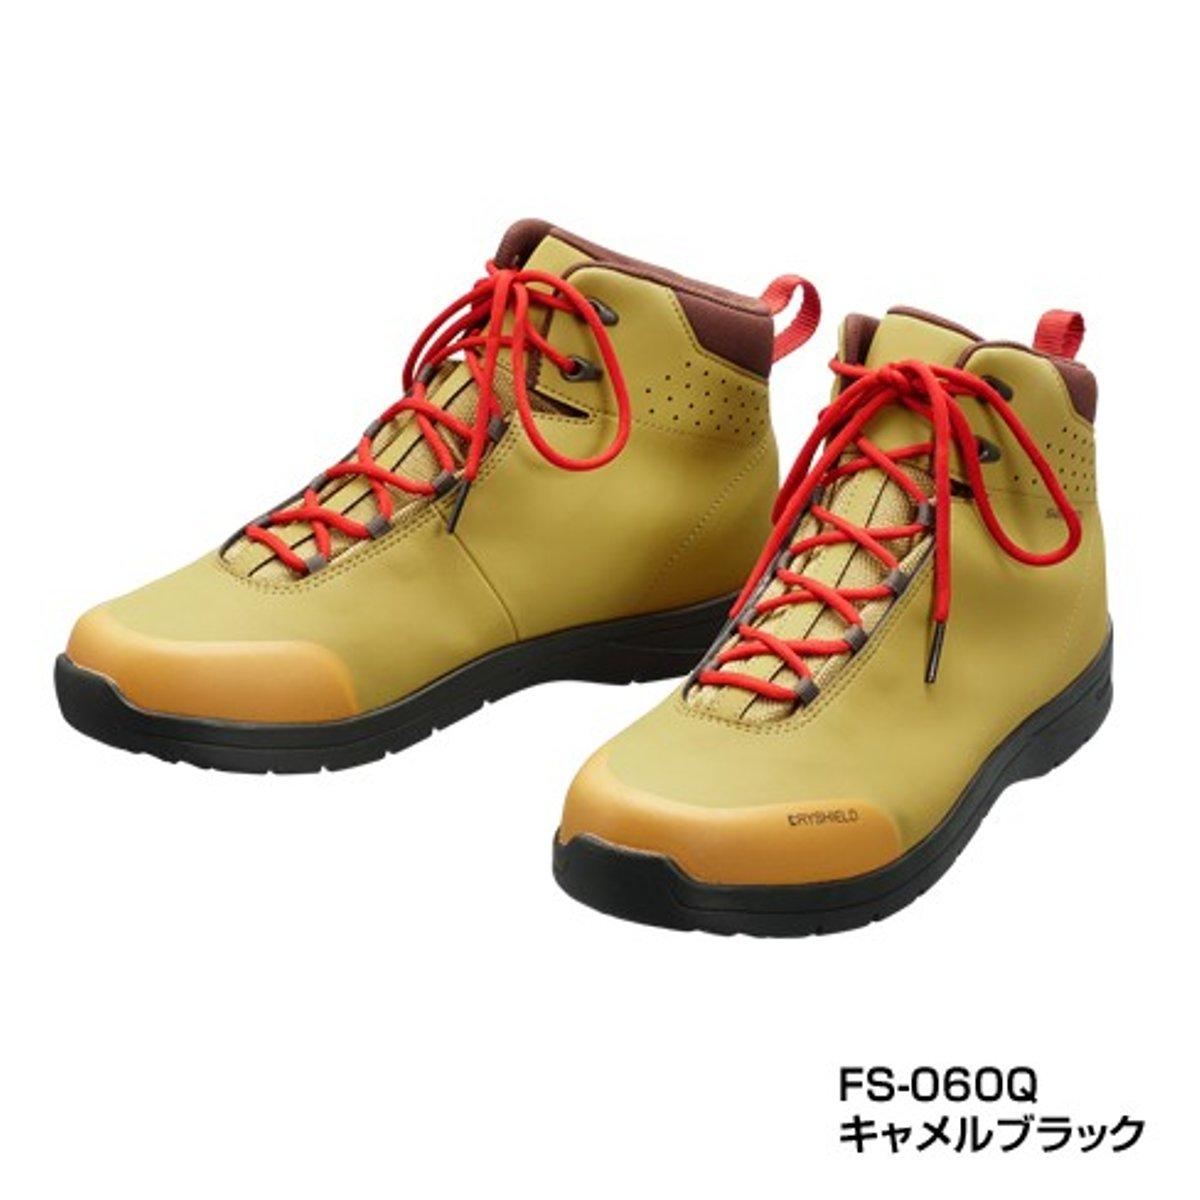 シマノ ドライシールド・ラジアルスパイクシューズ(ハイカットタイプ) FS-060Q 25.5cm キャメルブラック